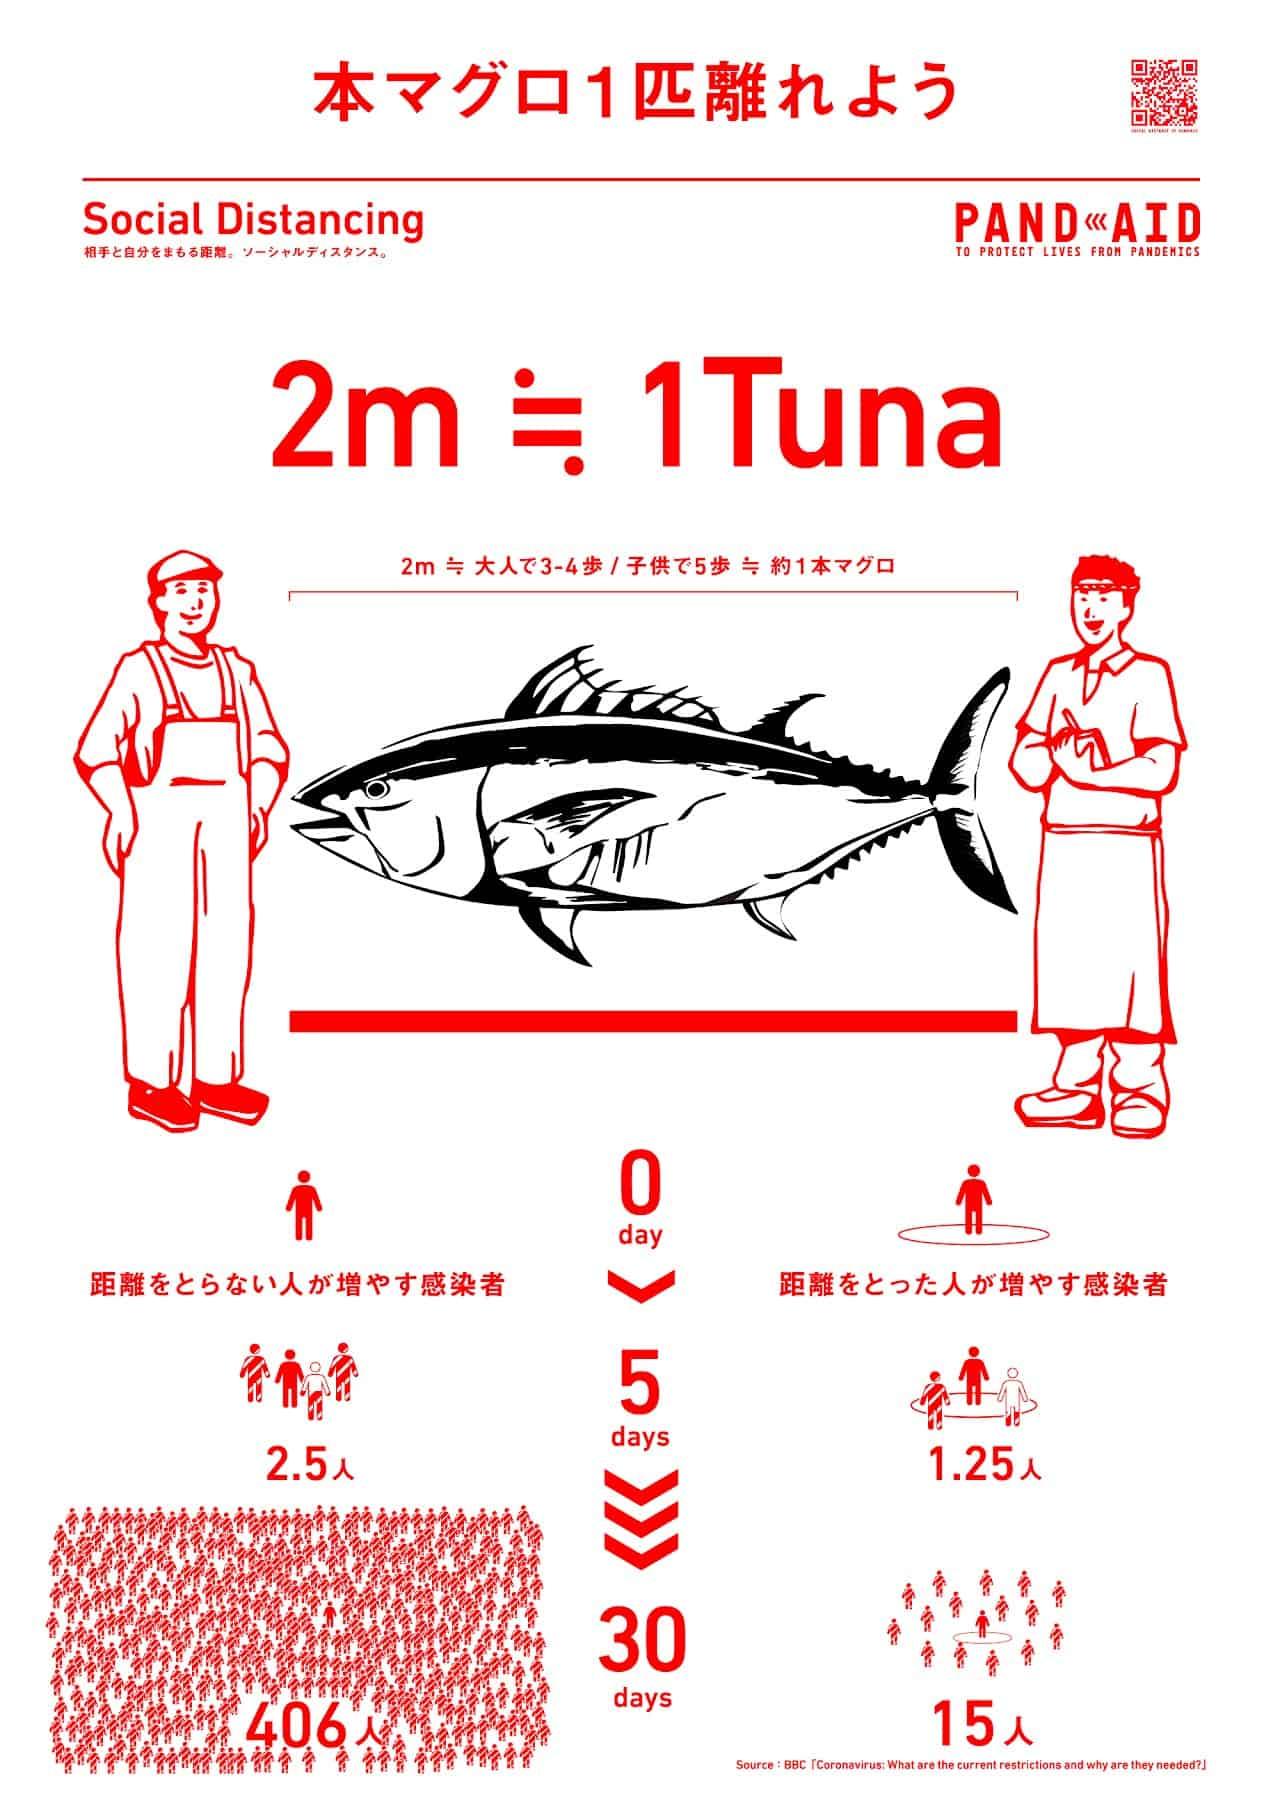 PANDAID : 2 เมตร = ระยะระหว่างความยาวของปลาทูน่า 1 ตัว